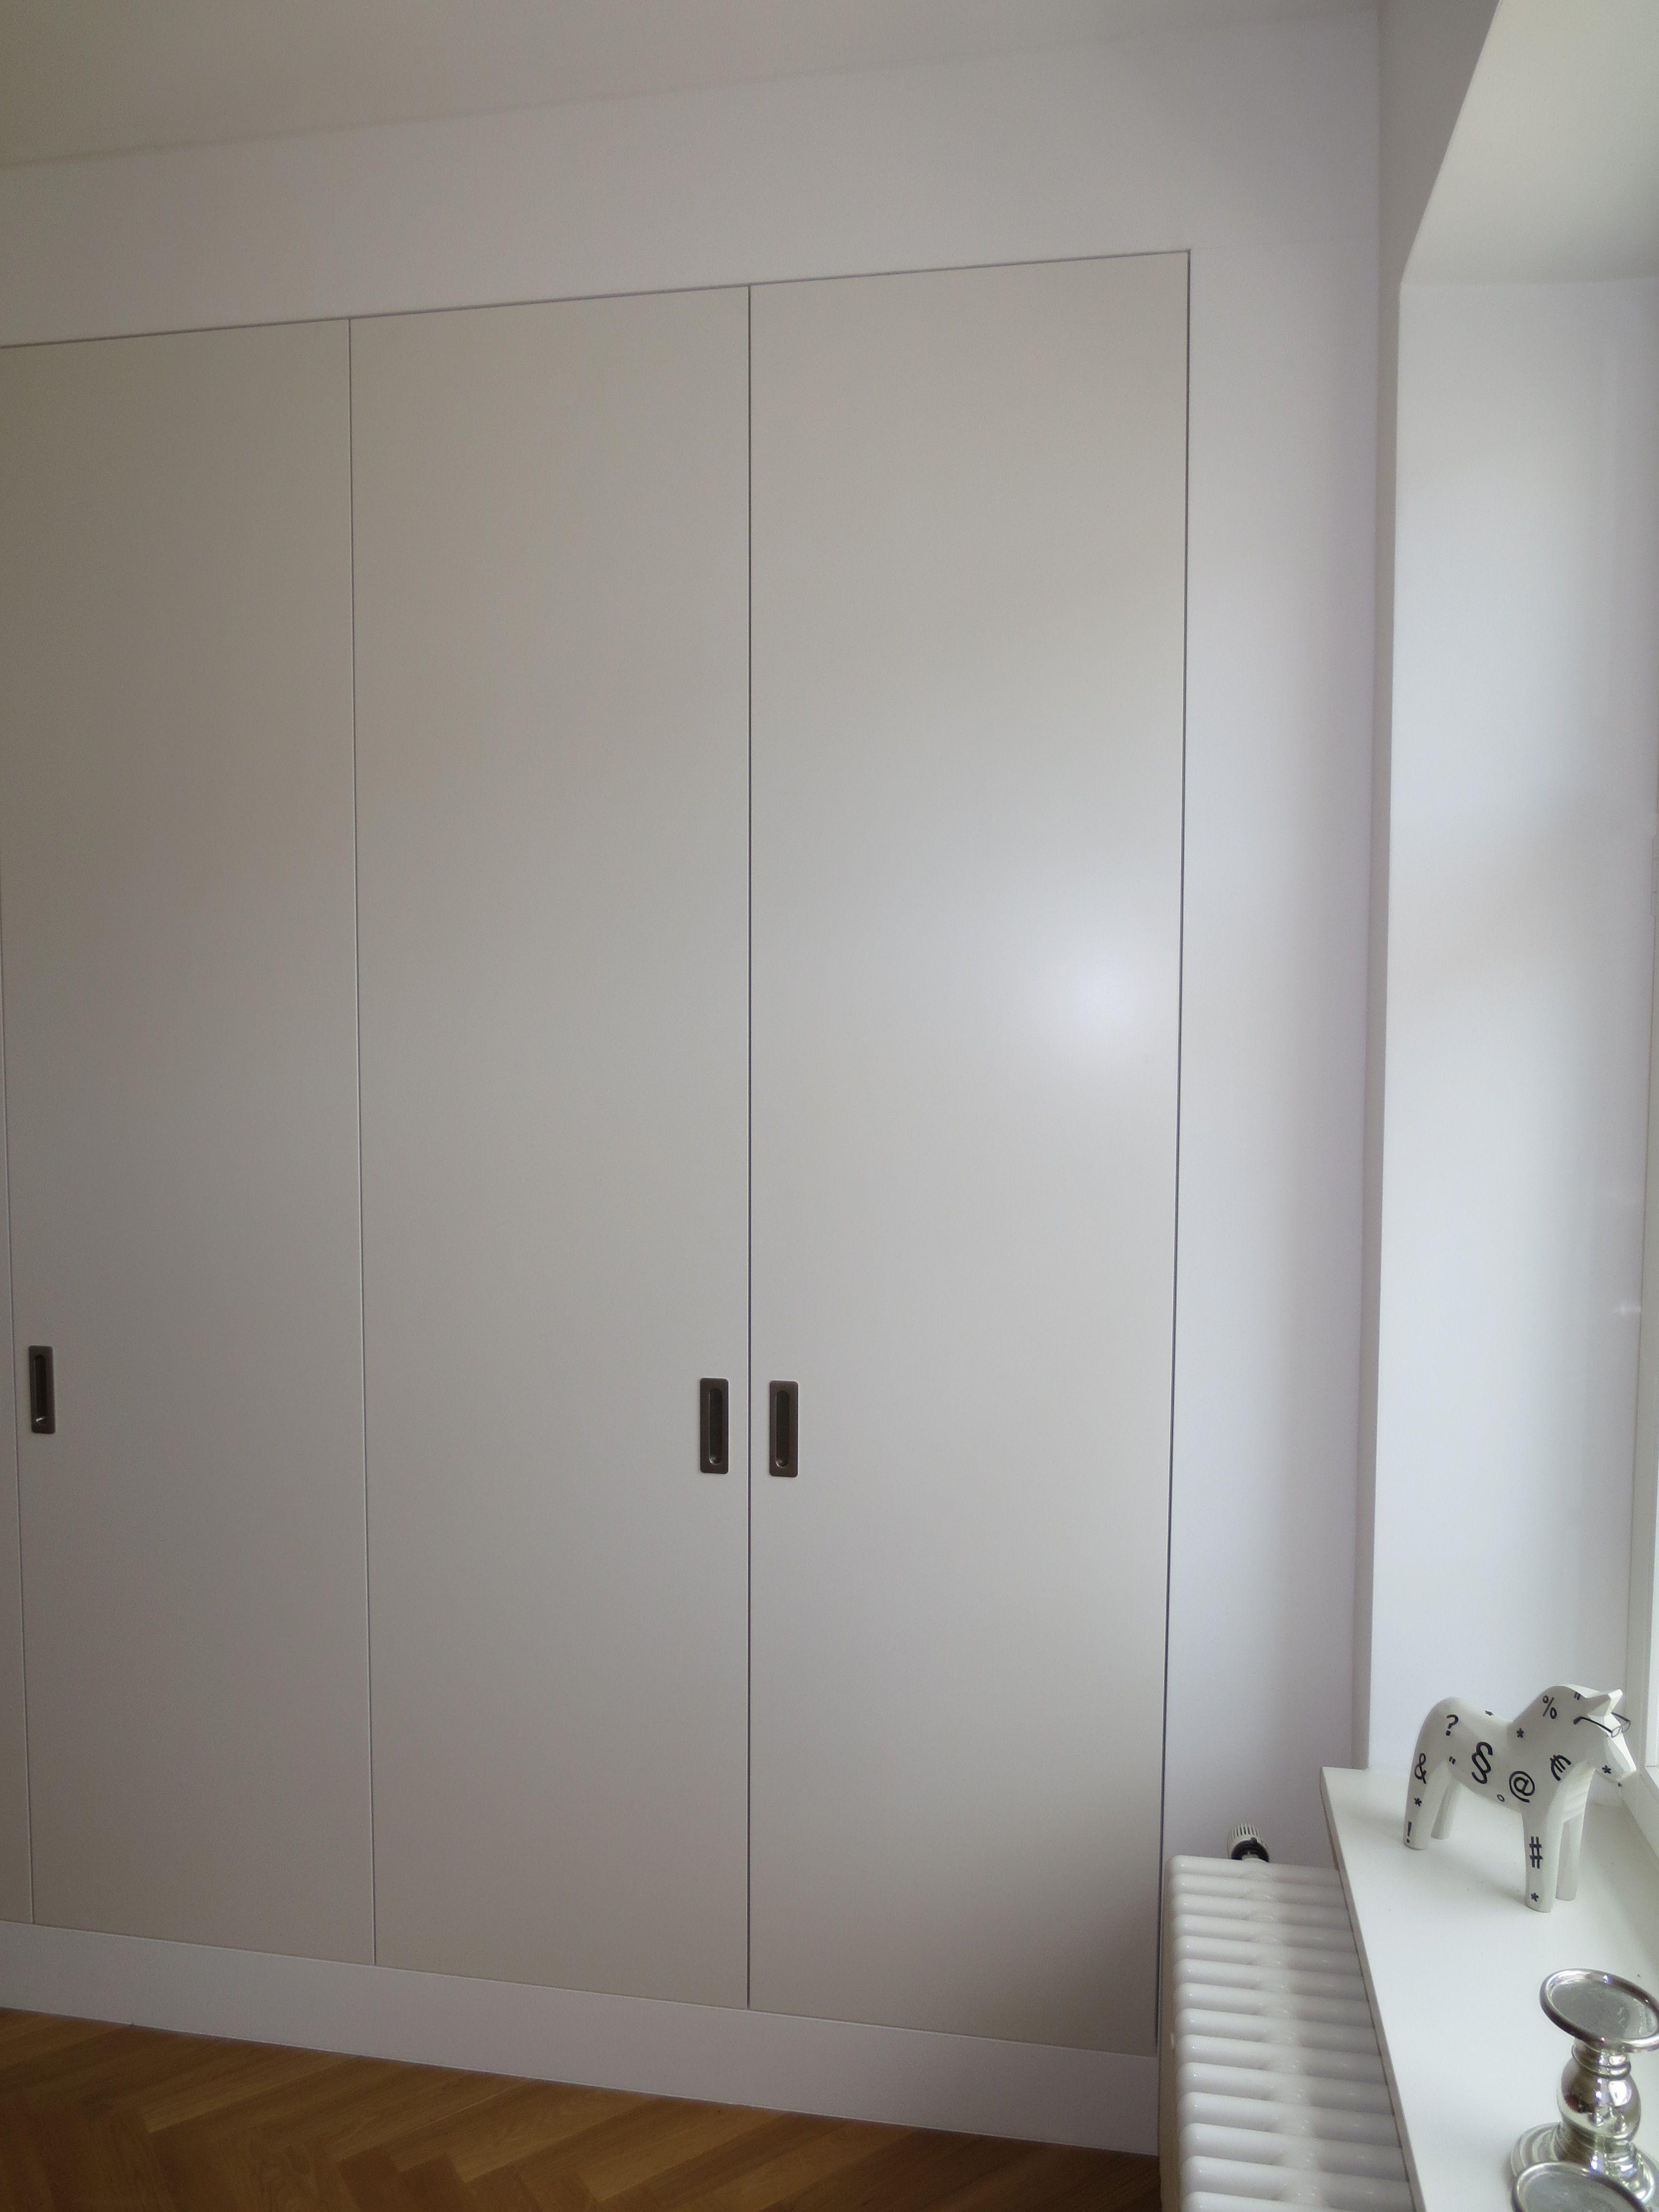 Schlafzimmerschrank weiß  Schlafzimmerschrank weiß lackiert | L+S / Schränke | Pinterest